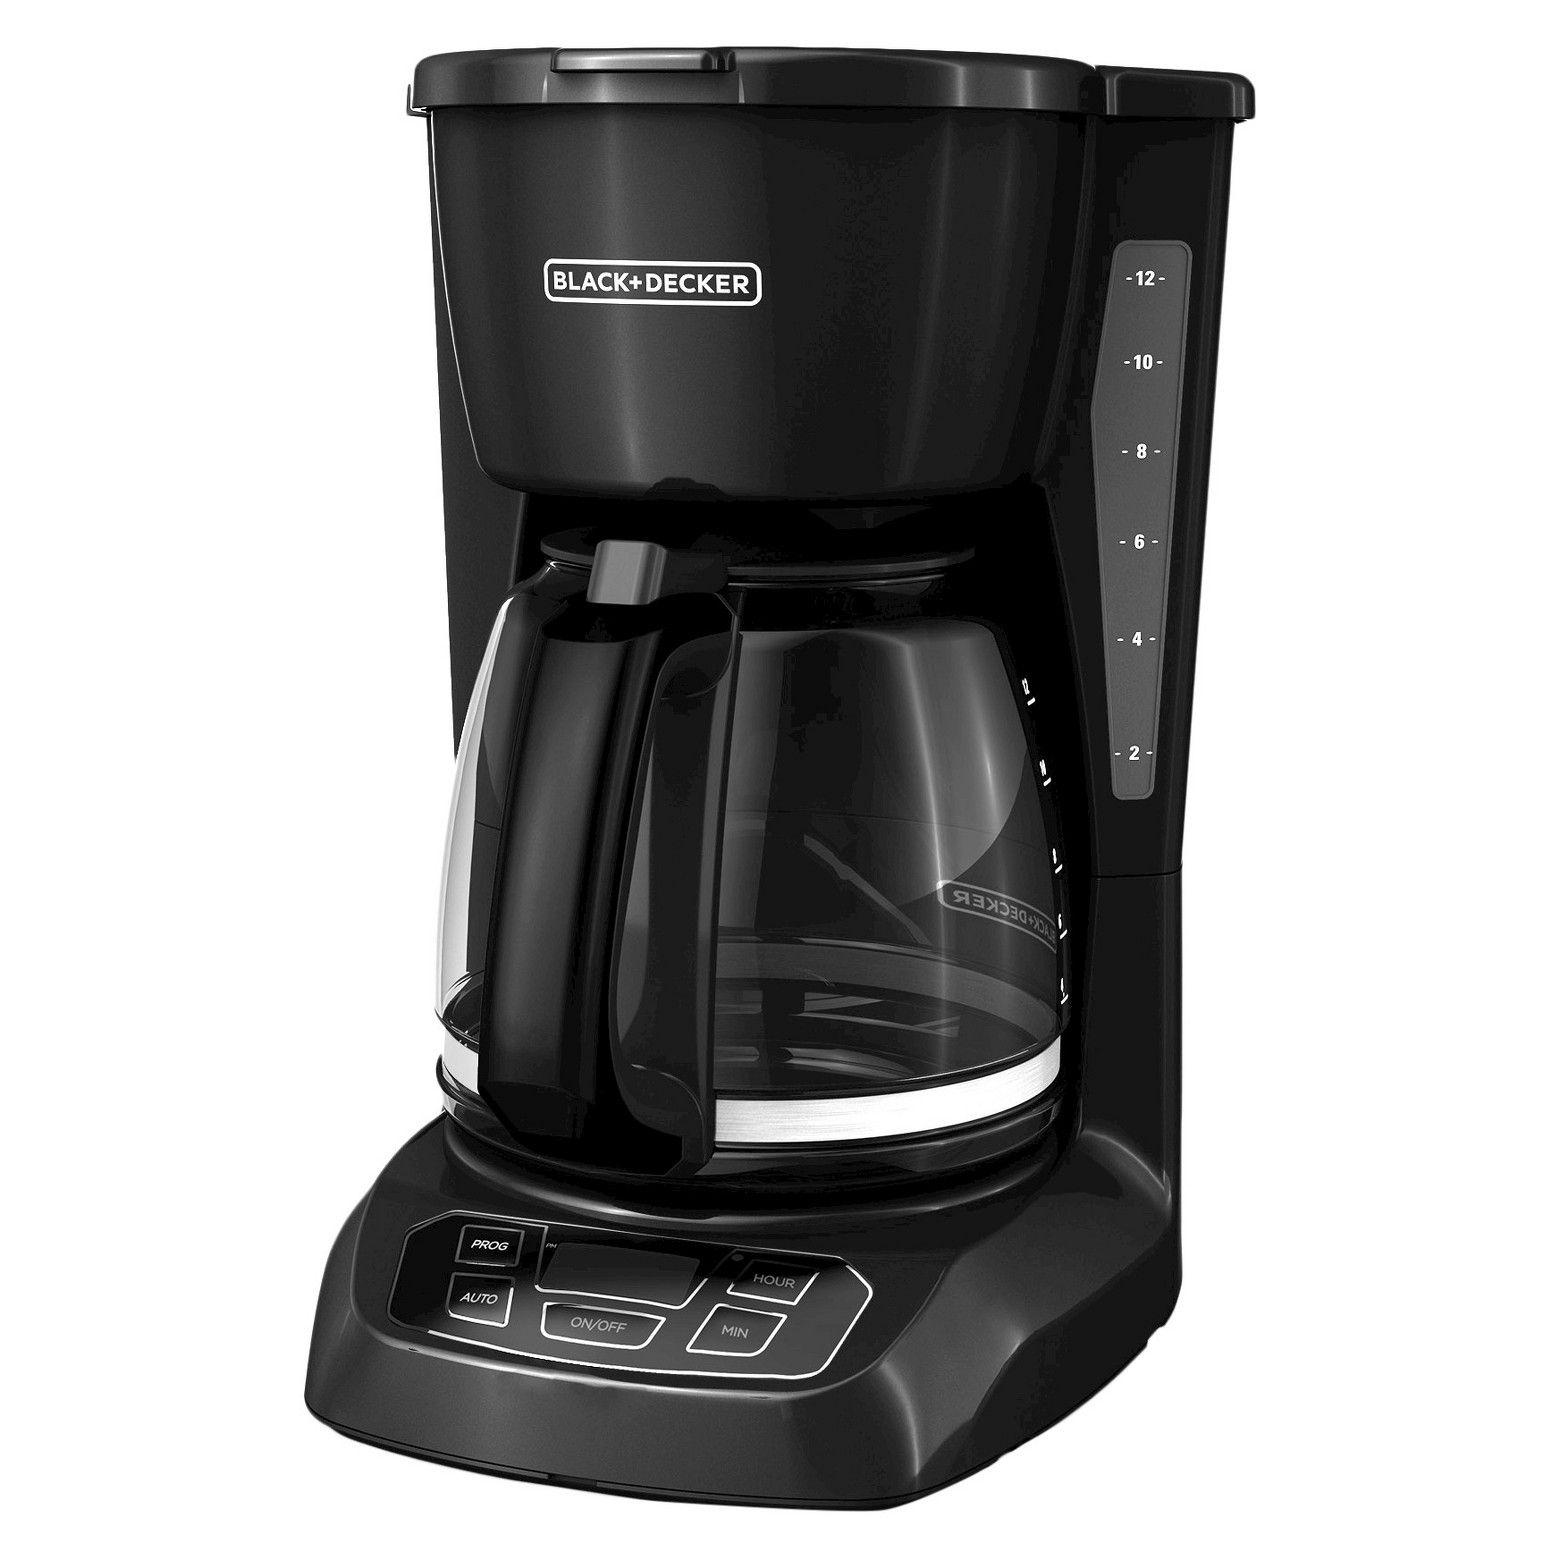 BLACK+DECKER 12 Cup Programmable Coffee Maker Black